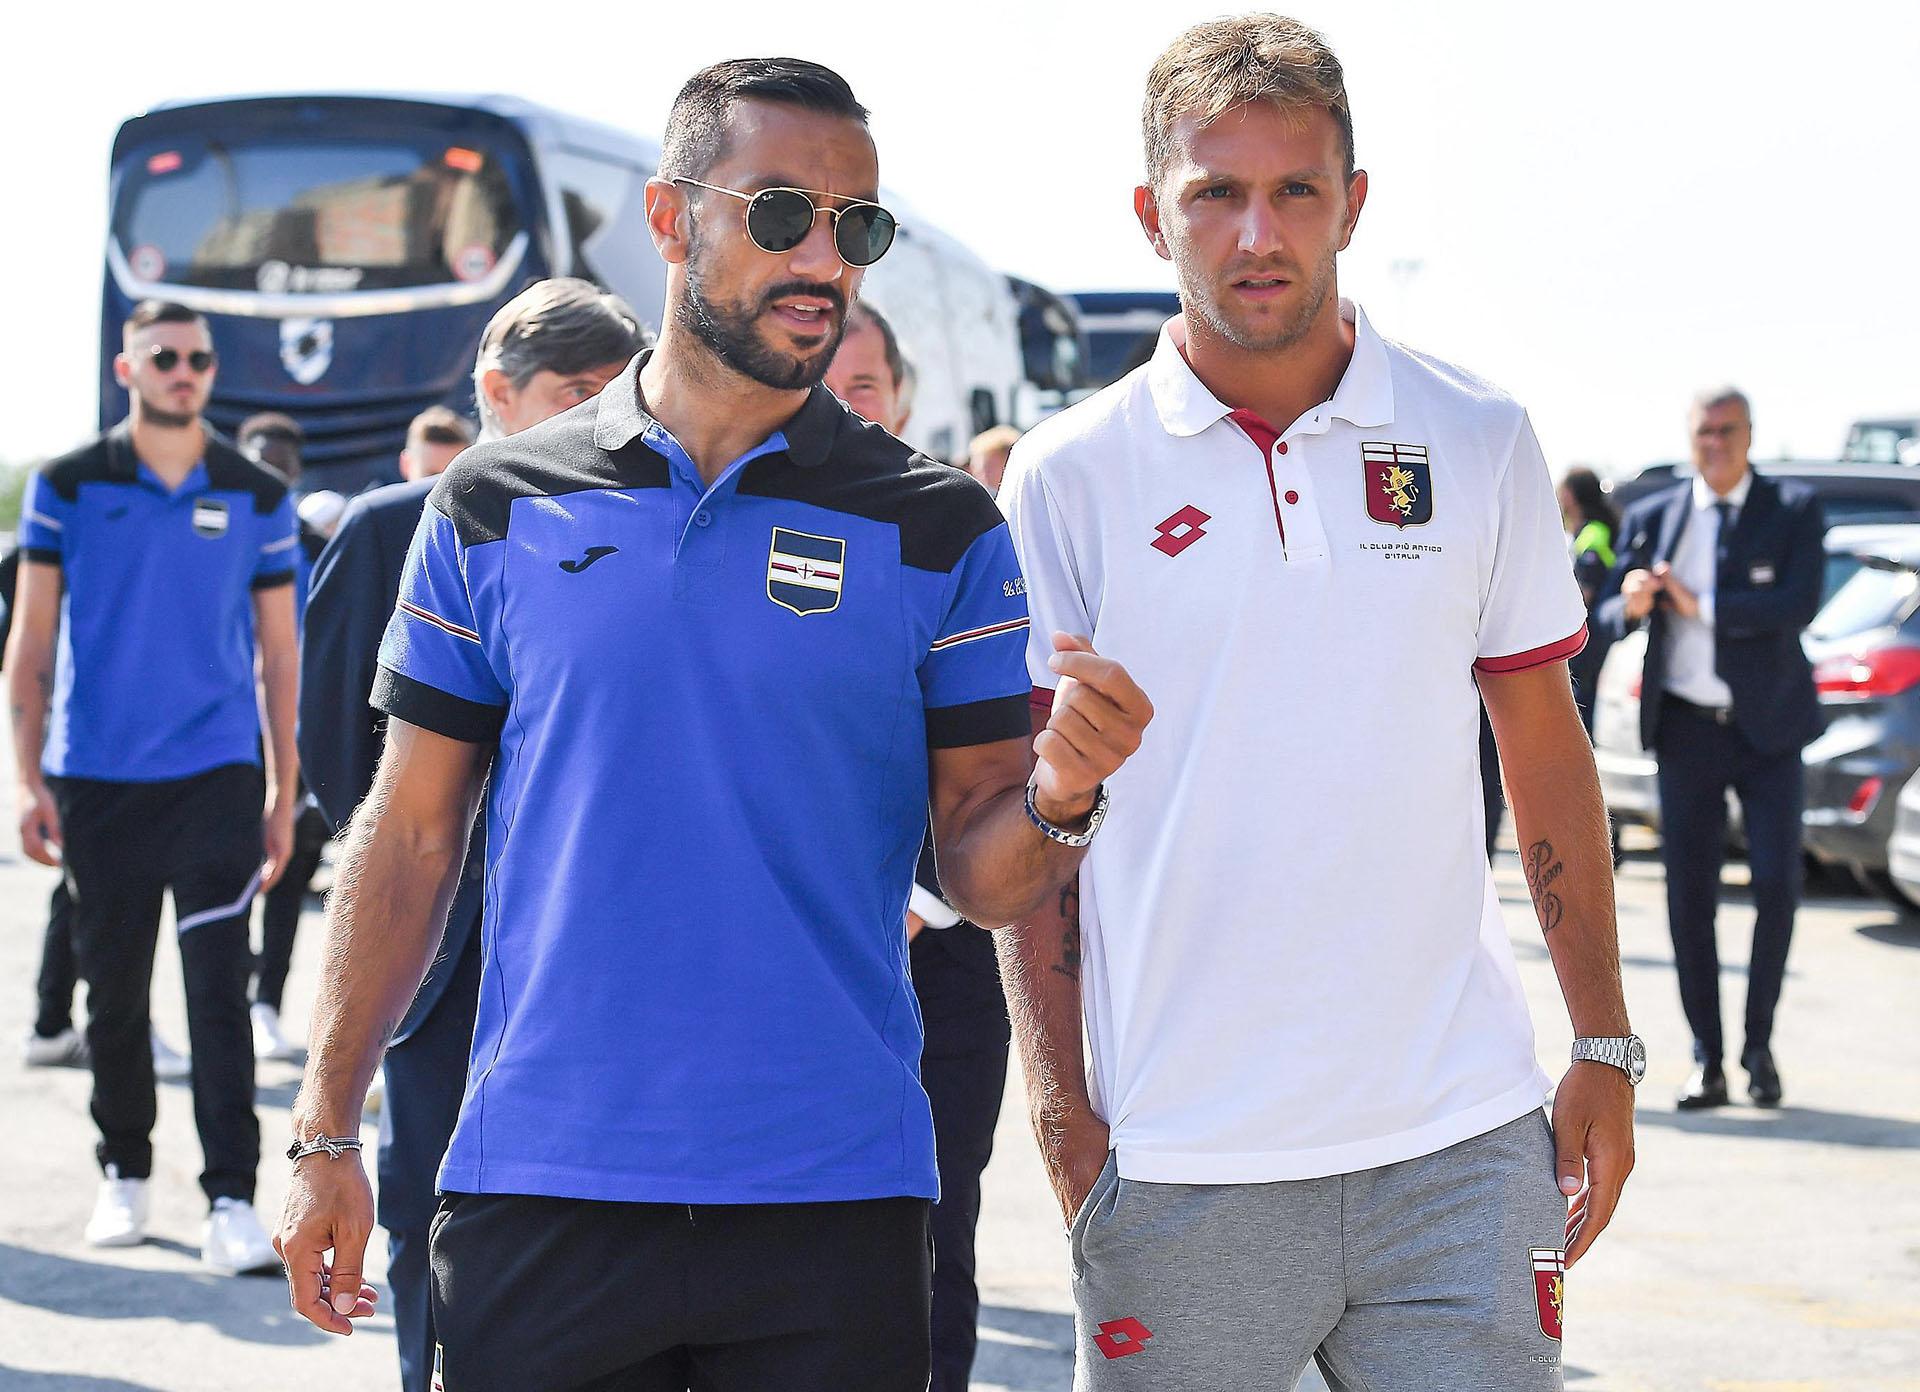 Jugadores de Sampdoria y el Genoa estuvieron en el funeral (Simone Arveda/ANSA via AP)